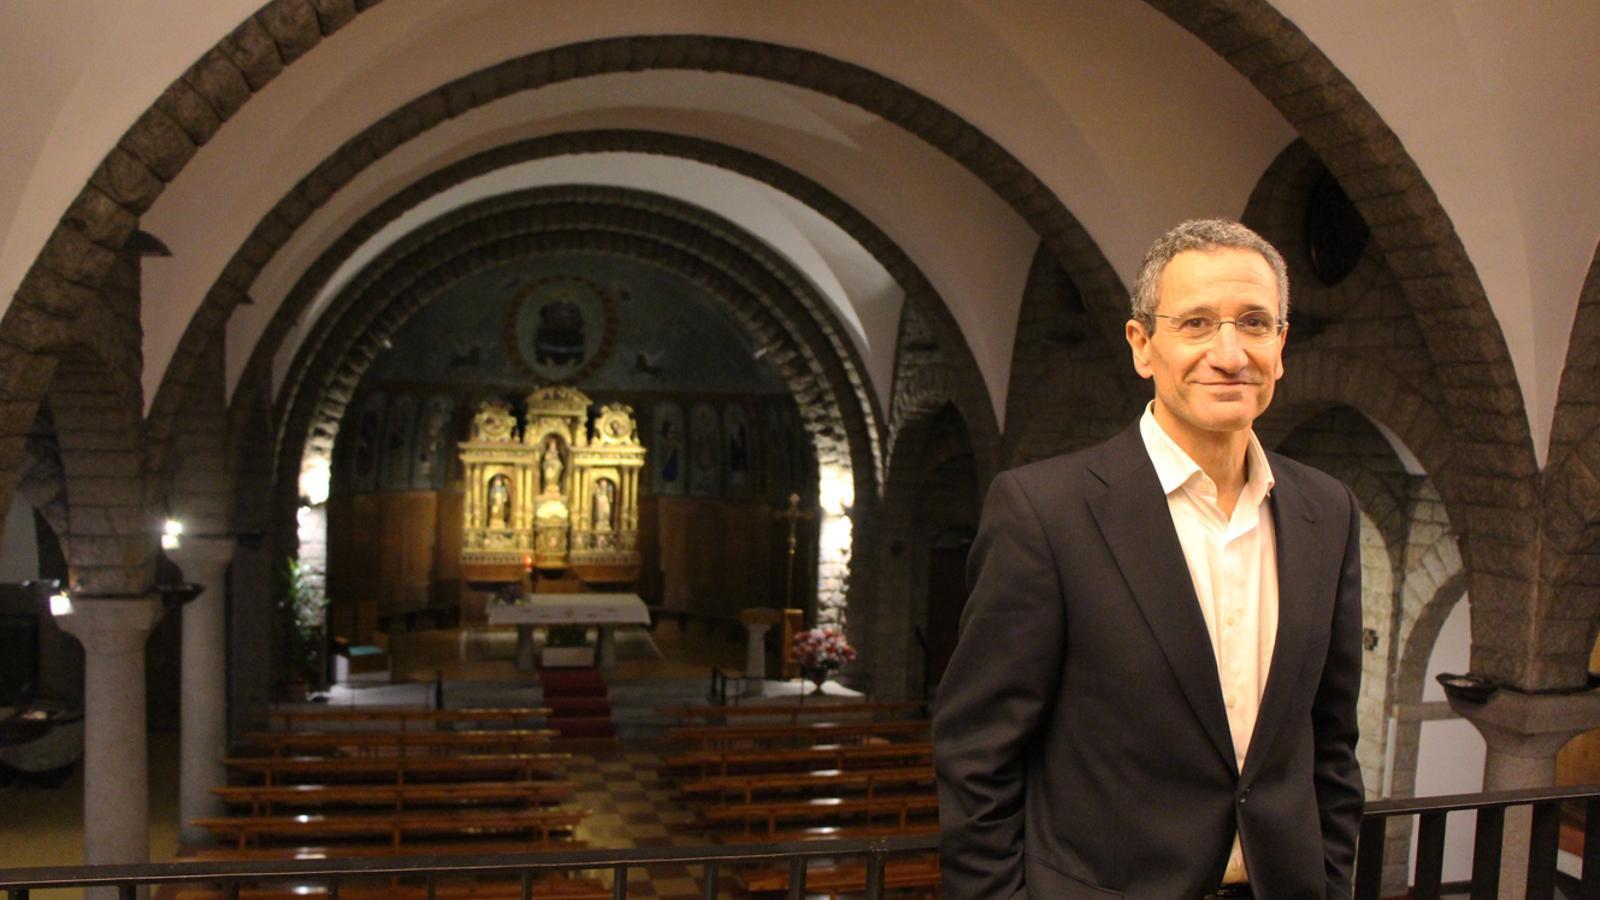 El conseller de Cultura del comú d'Escaldes-Engordany, Salomó Benchluch, a l'interior de l'església de Sant Pere Màrtir. / L. M. (ANA)